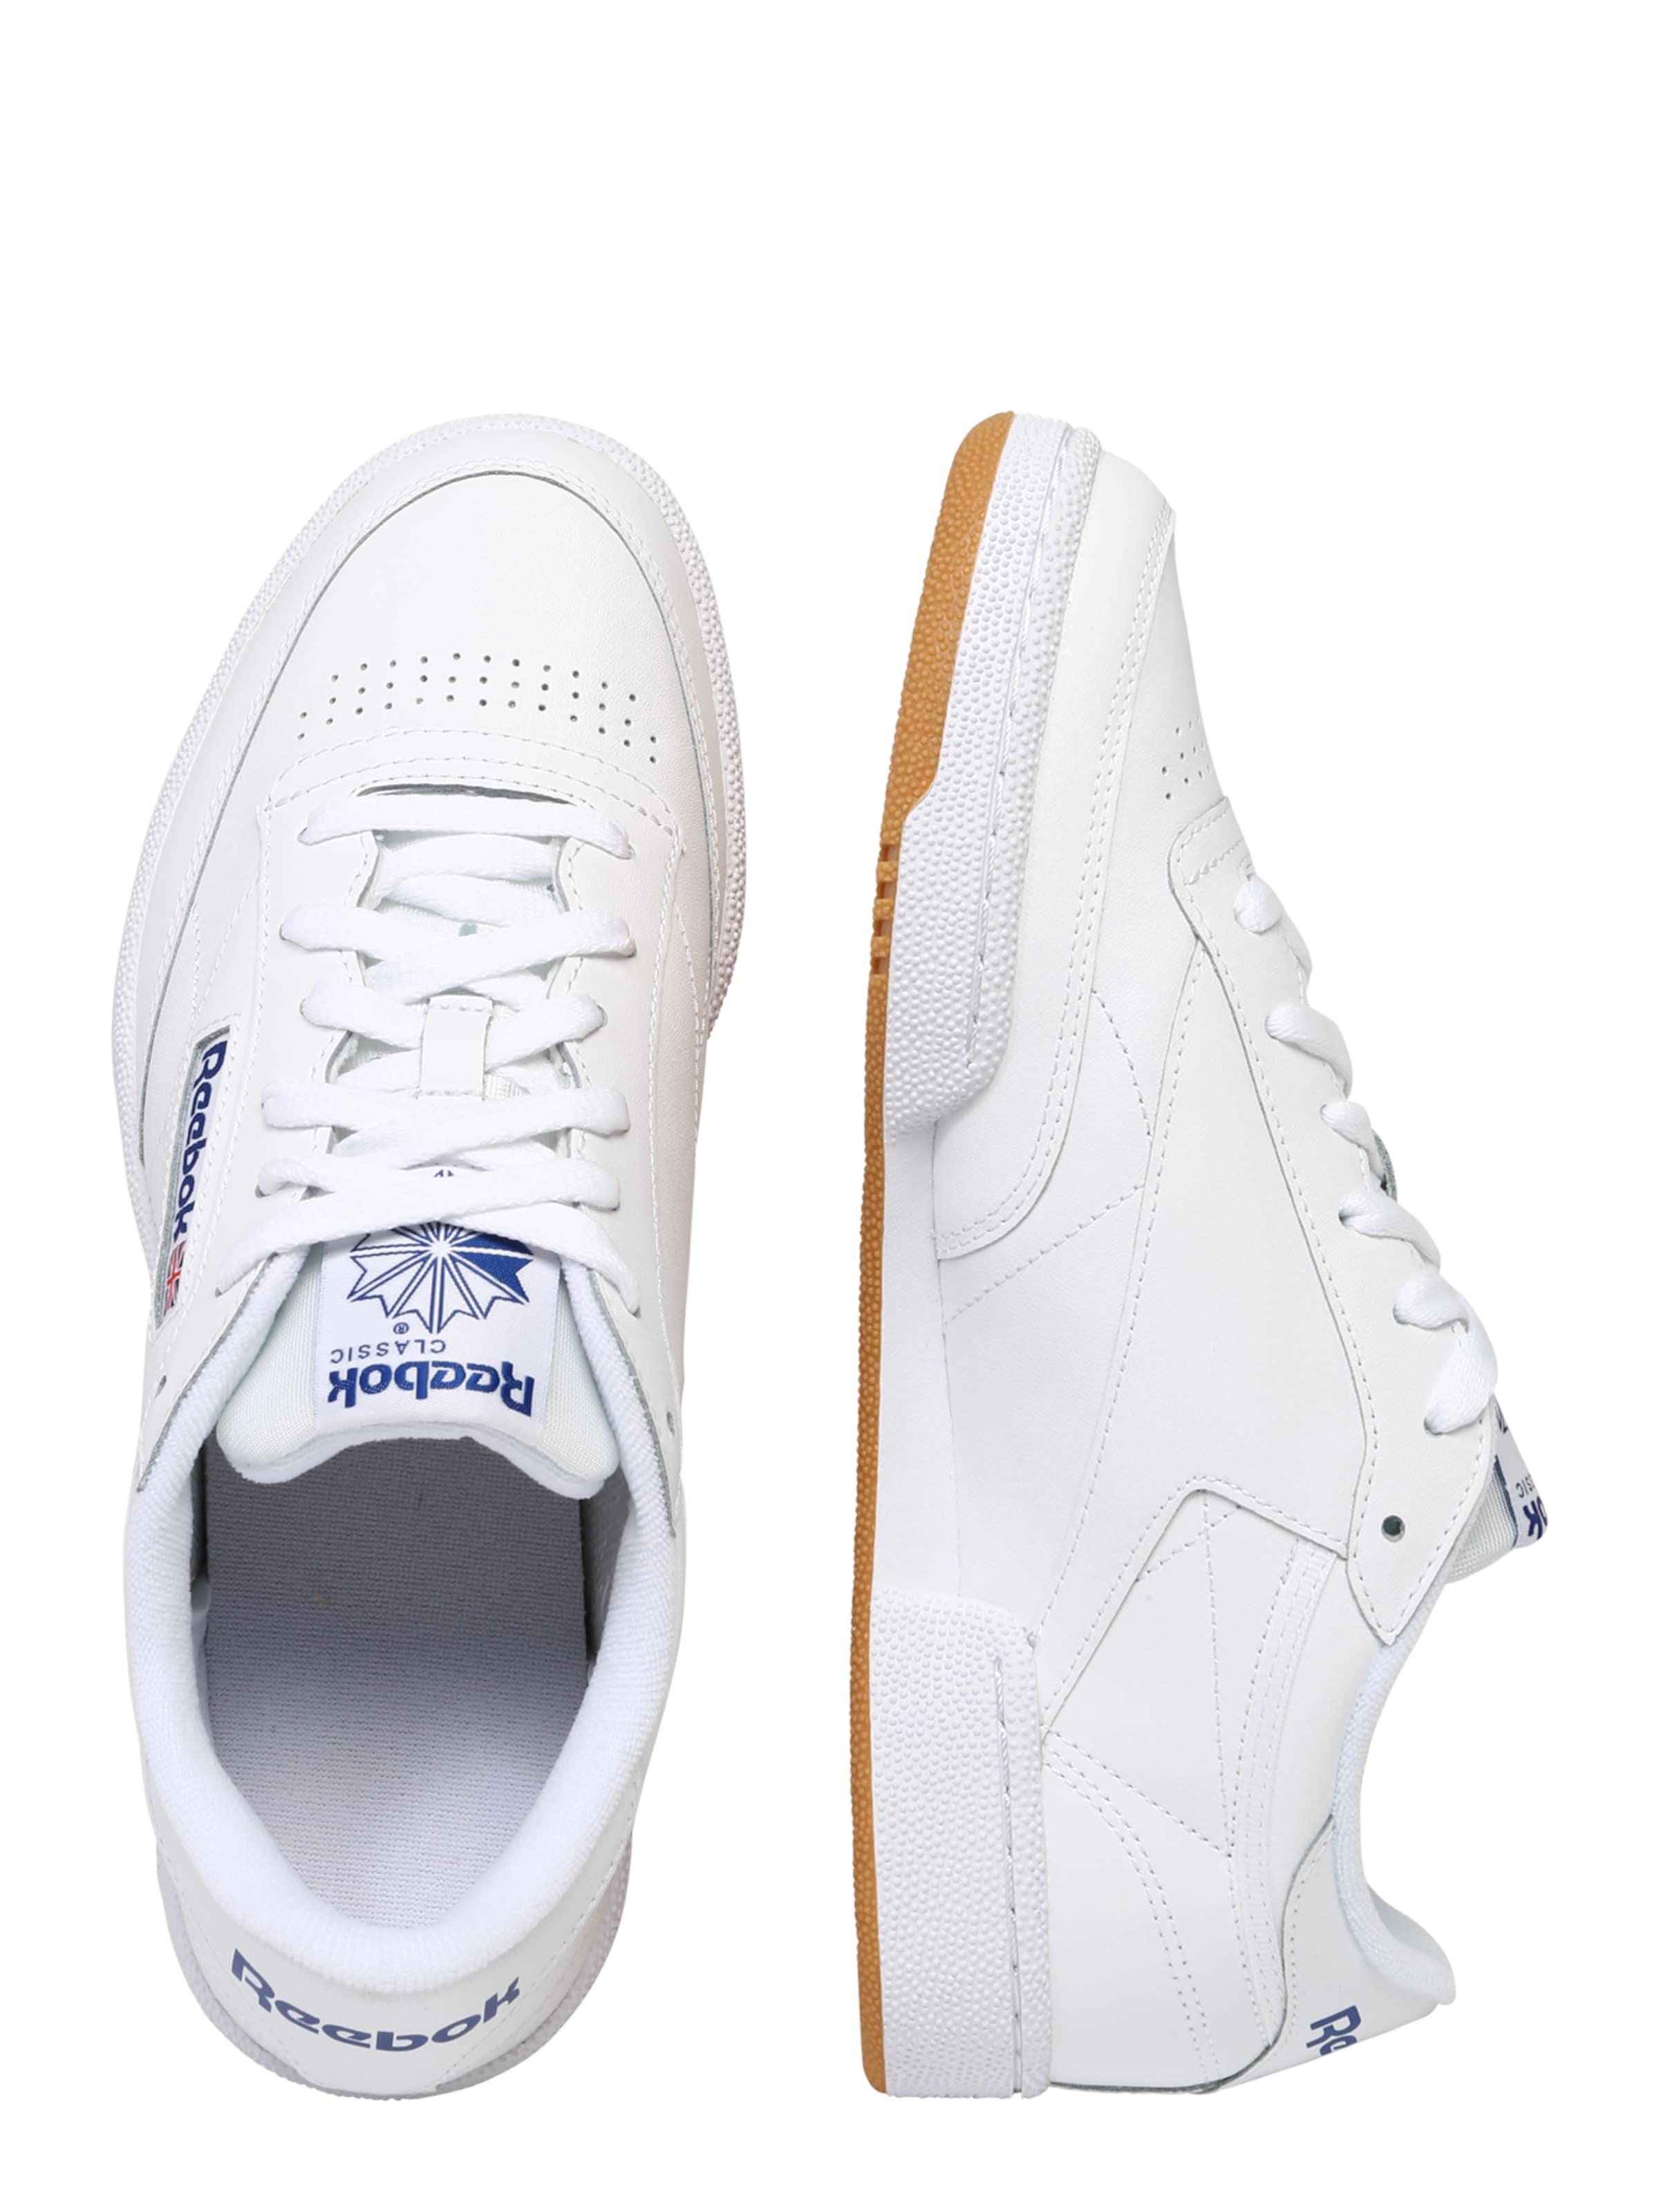 Classic BlauRot Sneaker In Weiß Reebok nOvN8wm0